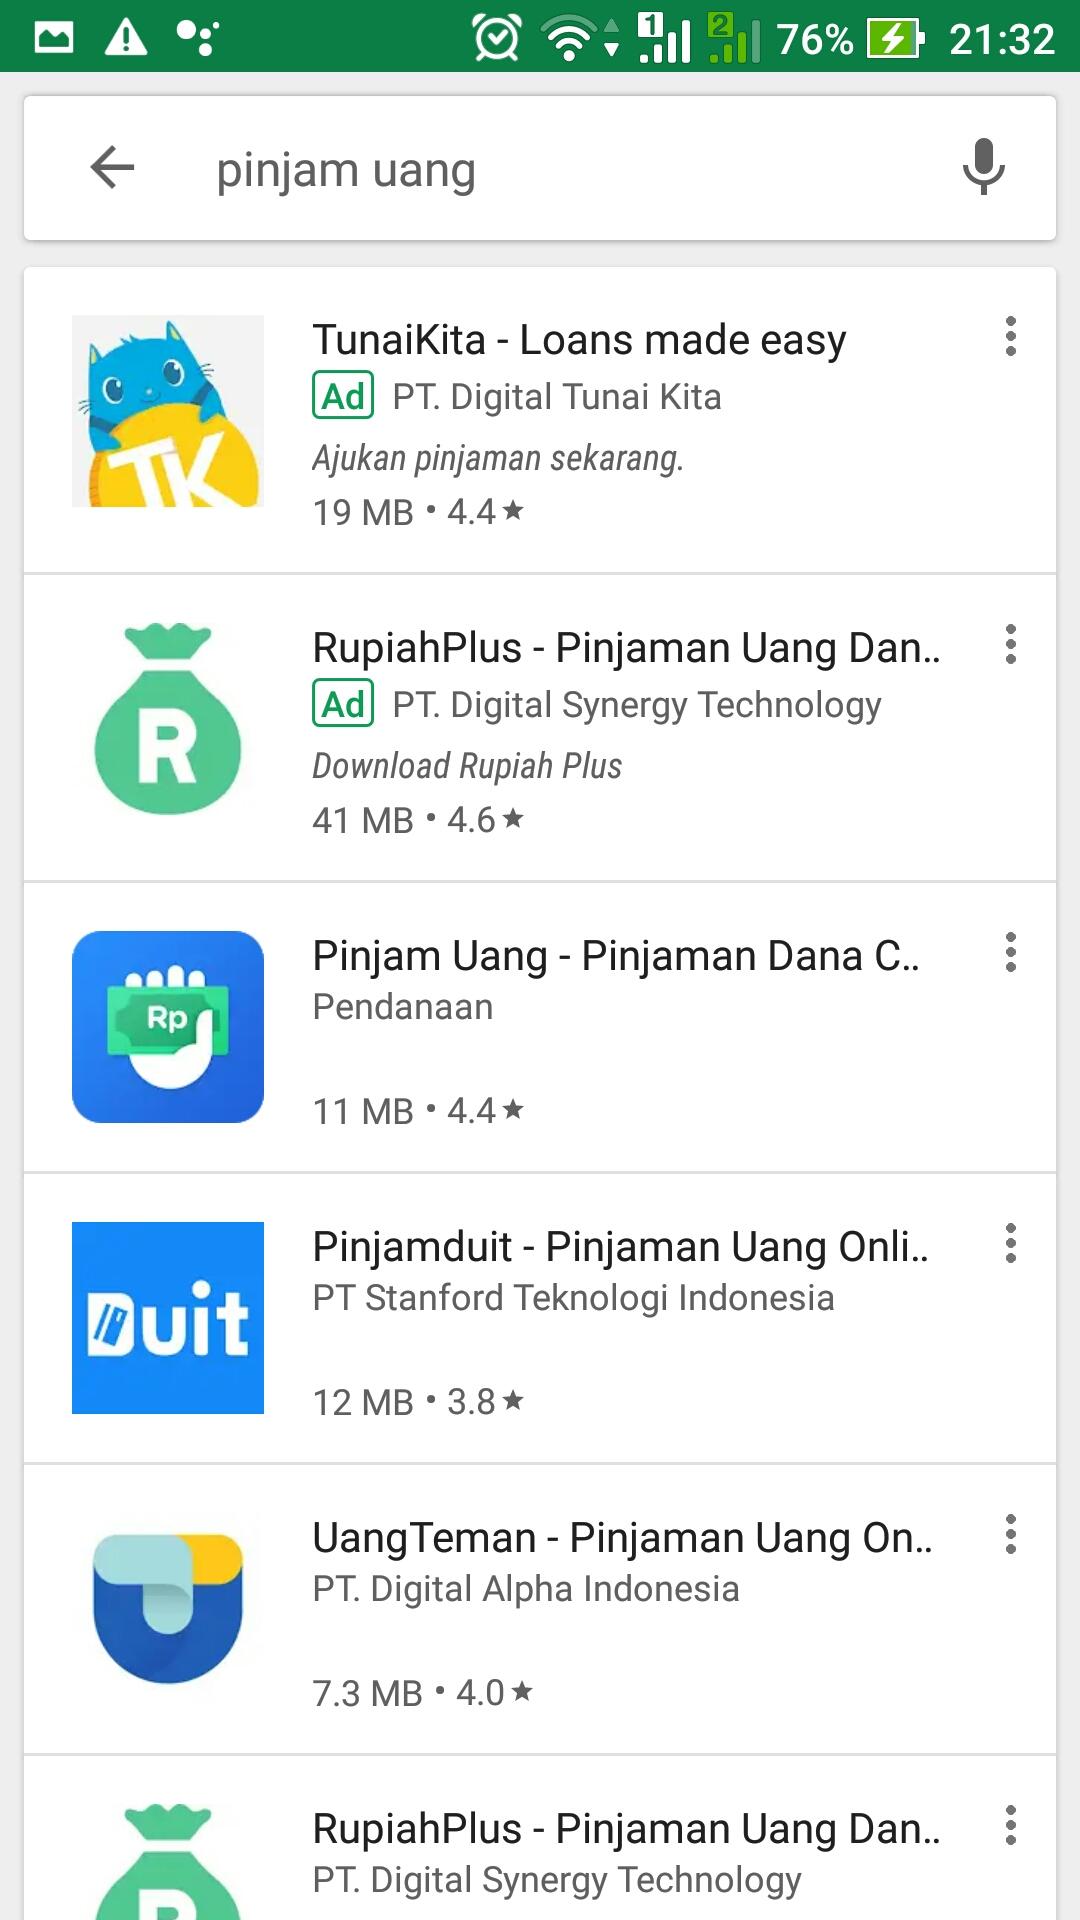 aplikasi pinjaman dana di google play store